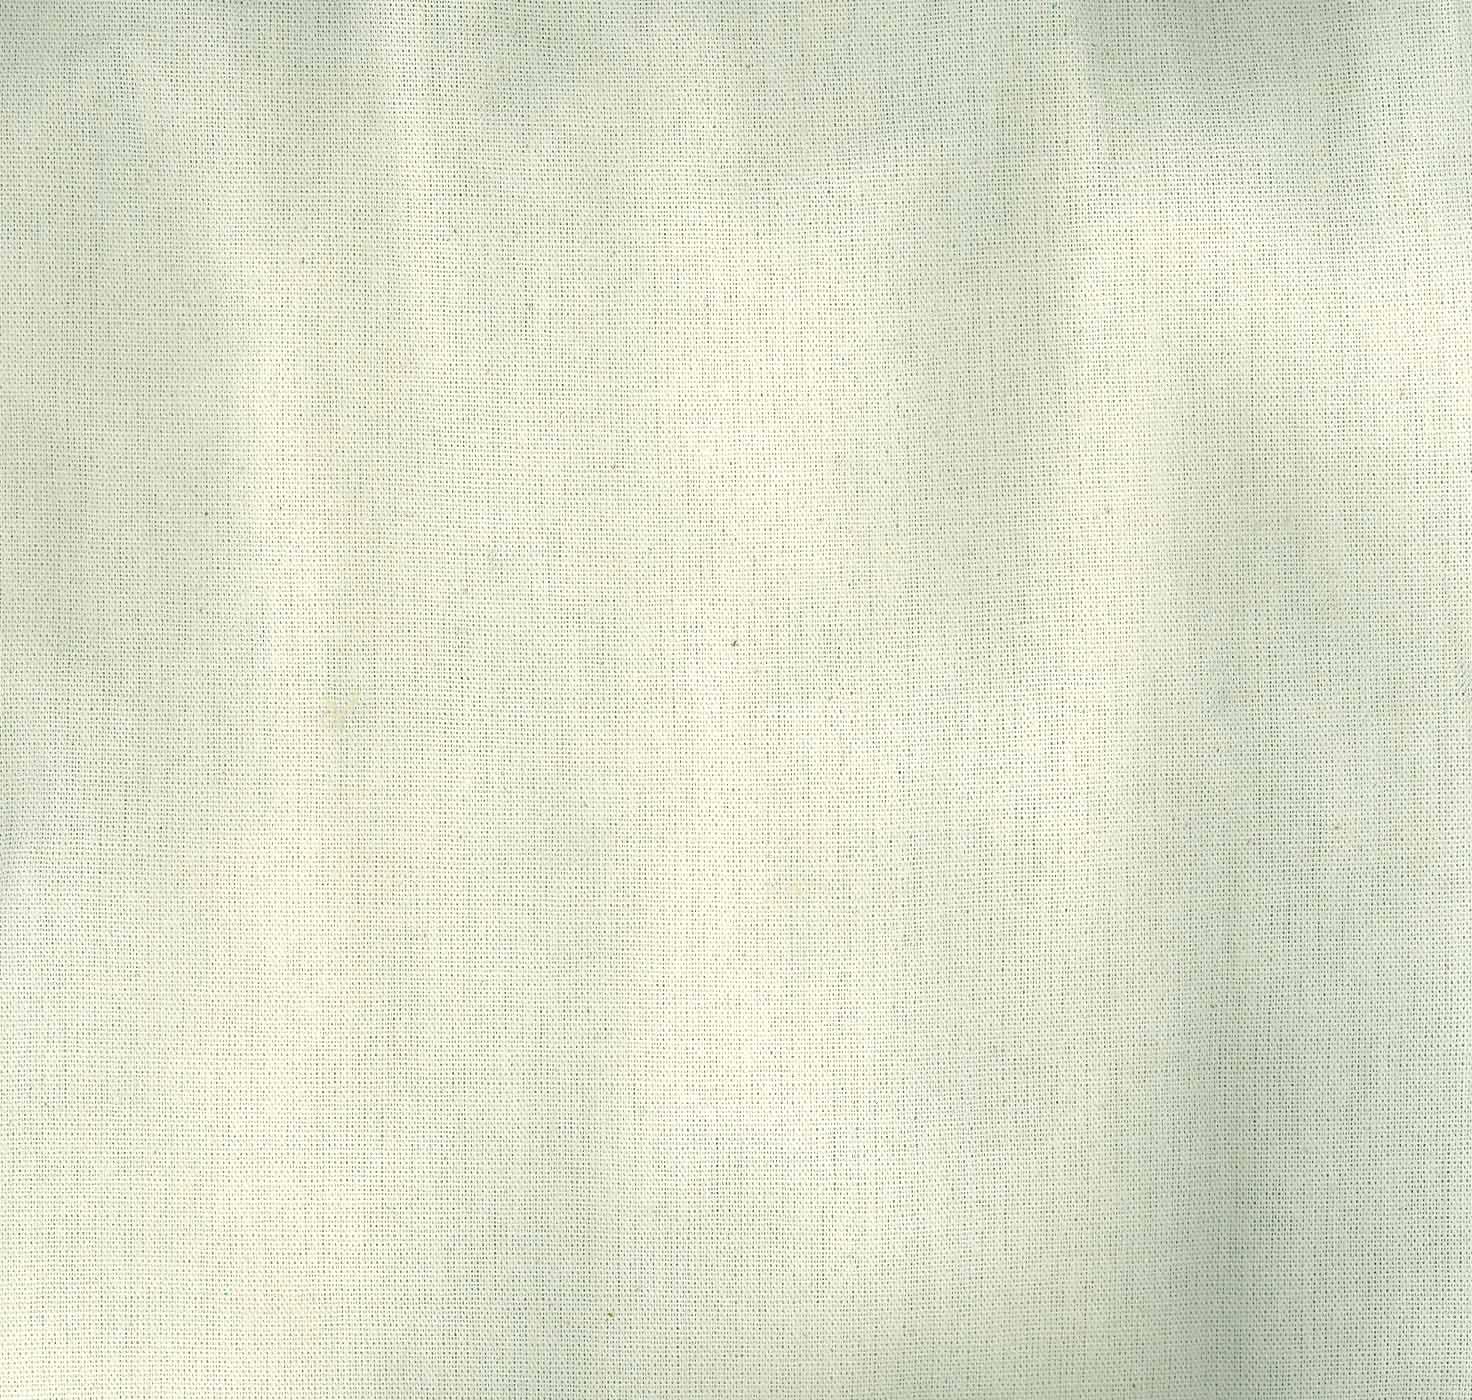 کیف پارچه ای کوچک (قاصدک سیاه)